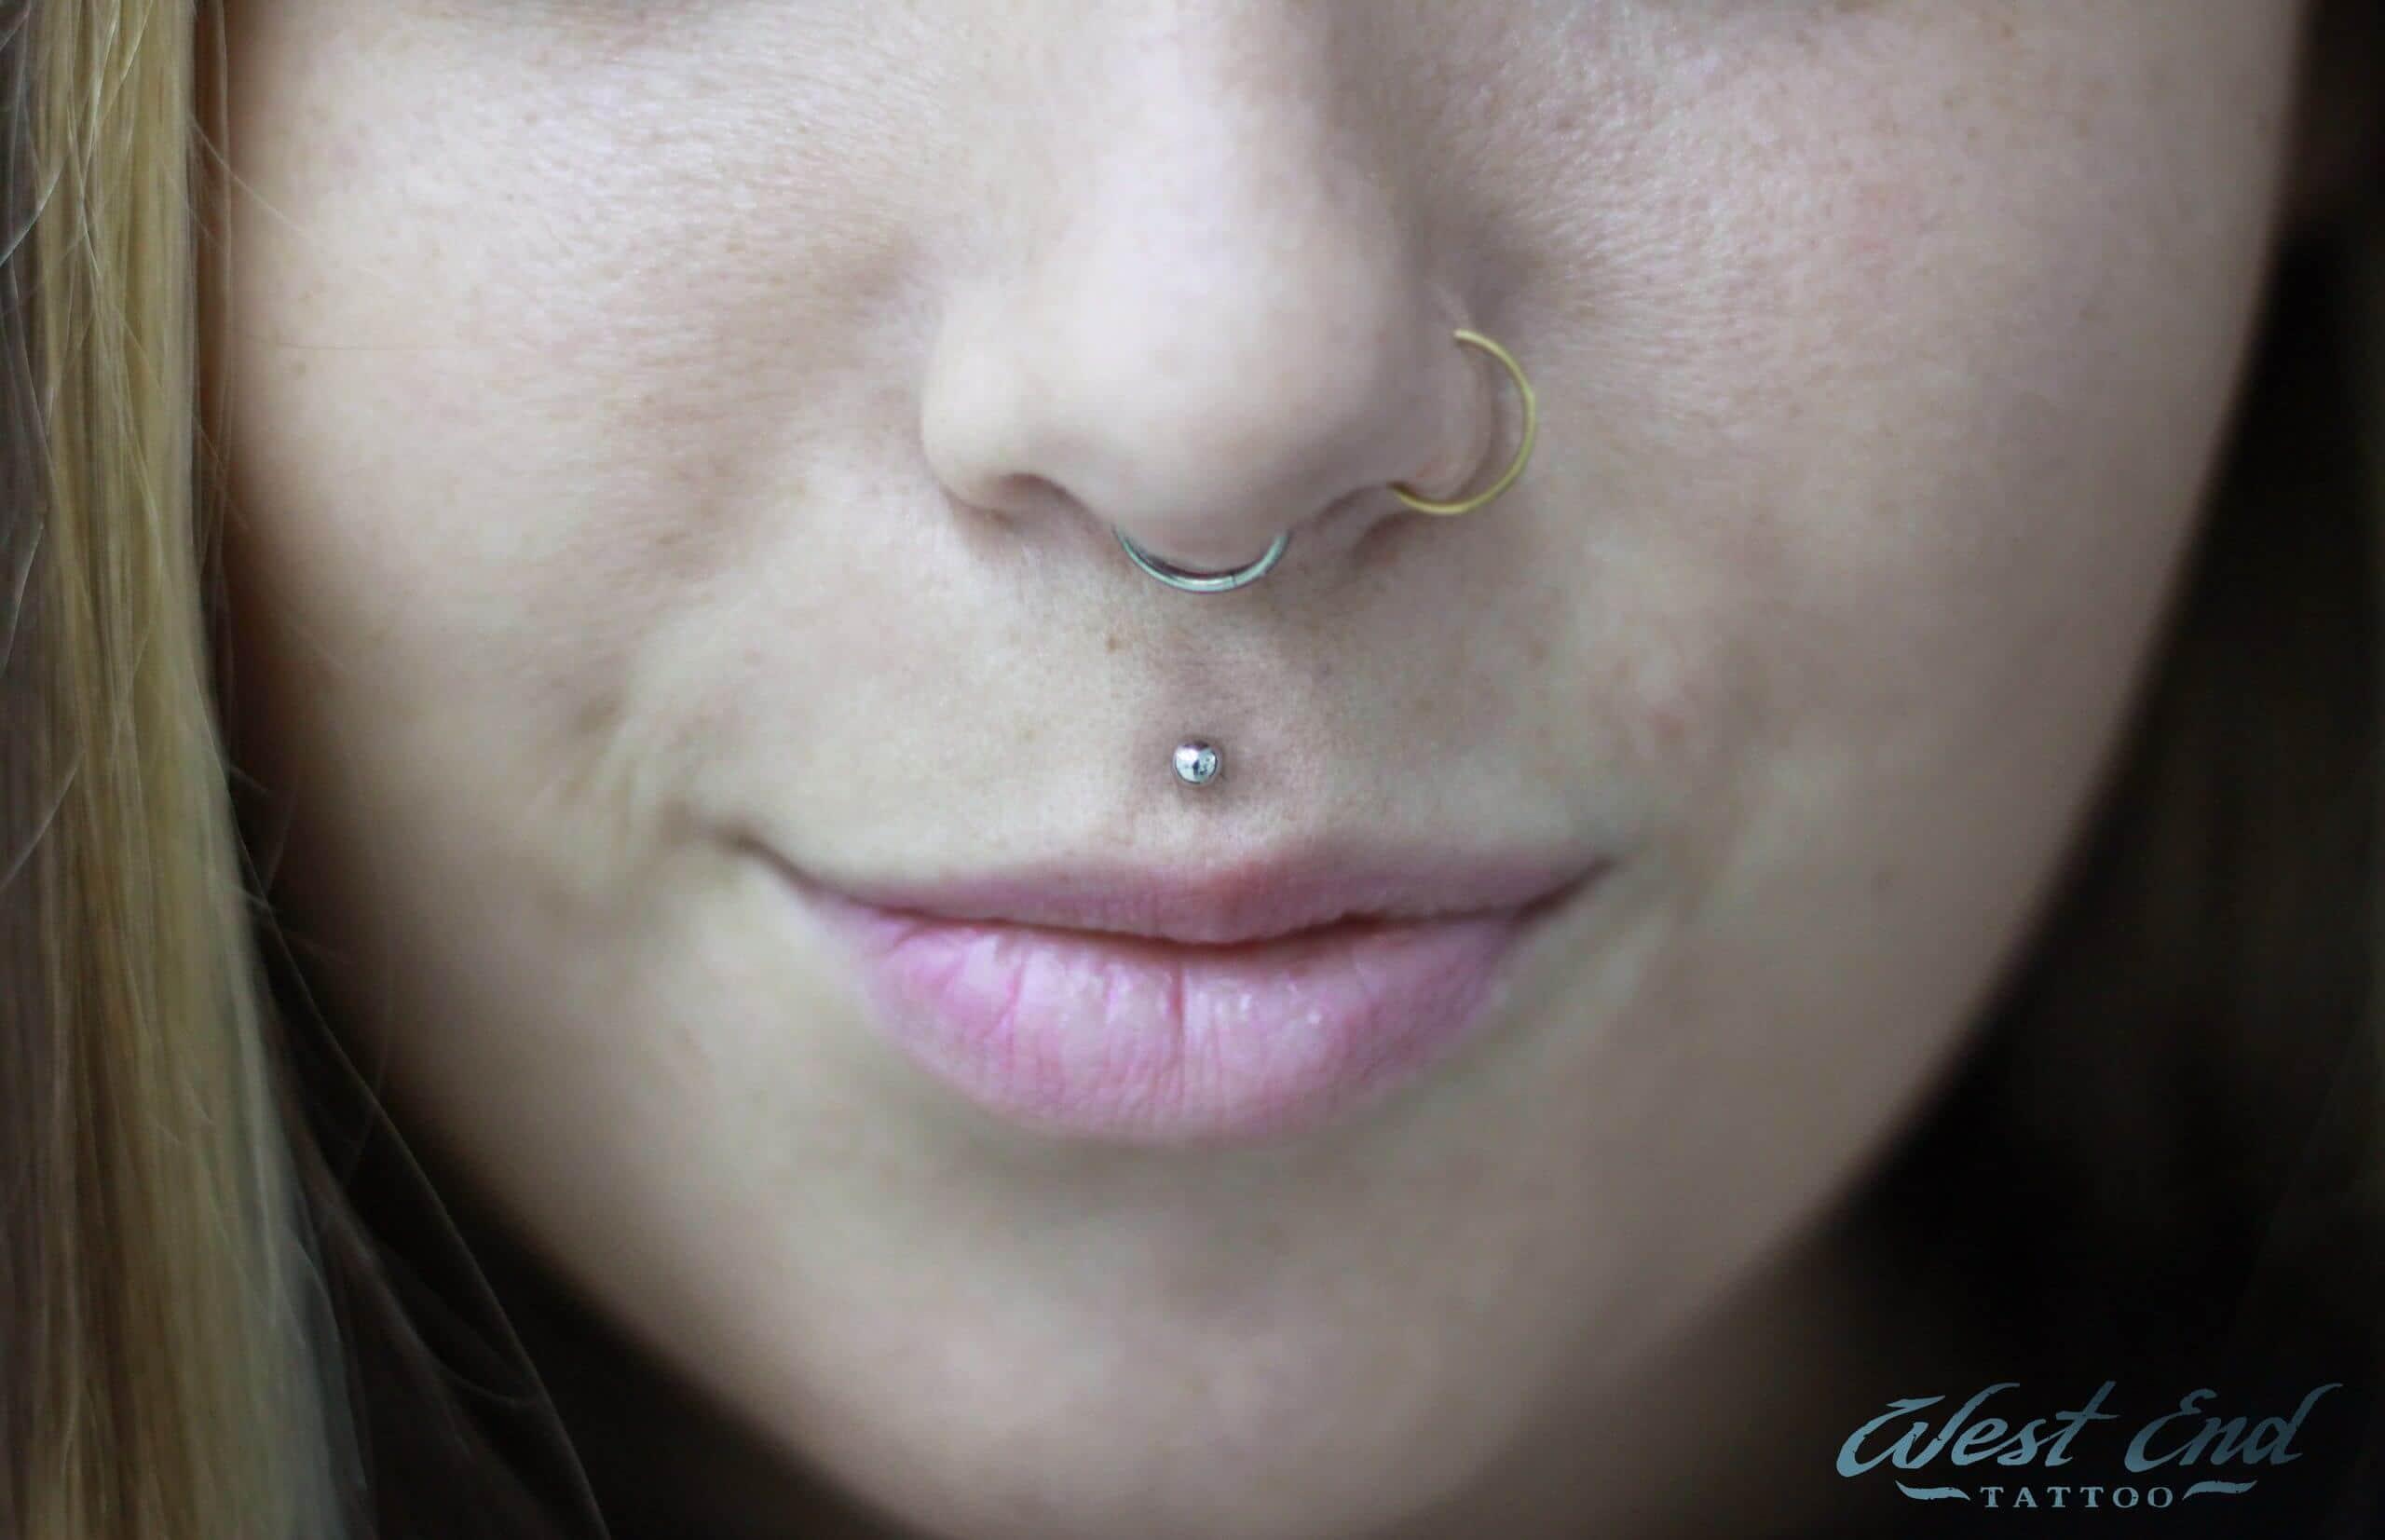 Септум пирсинг носа и пирсинг губы — «медуза»